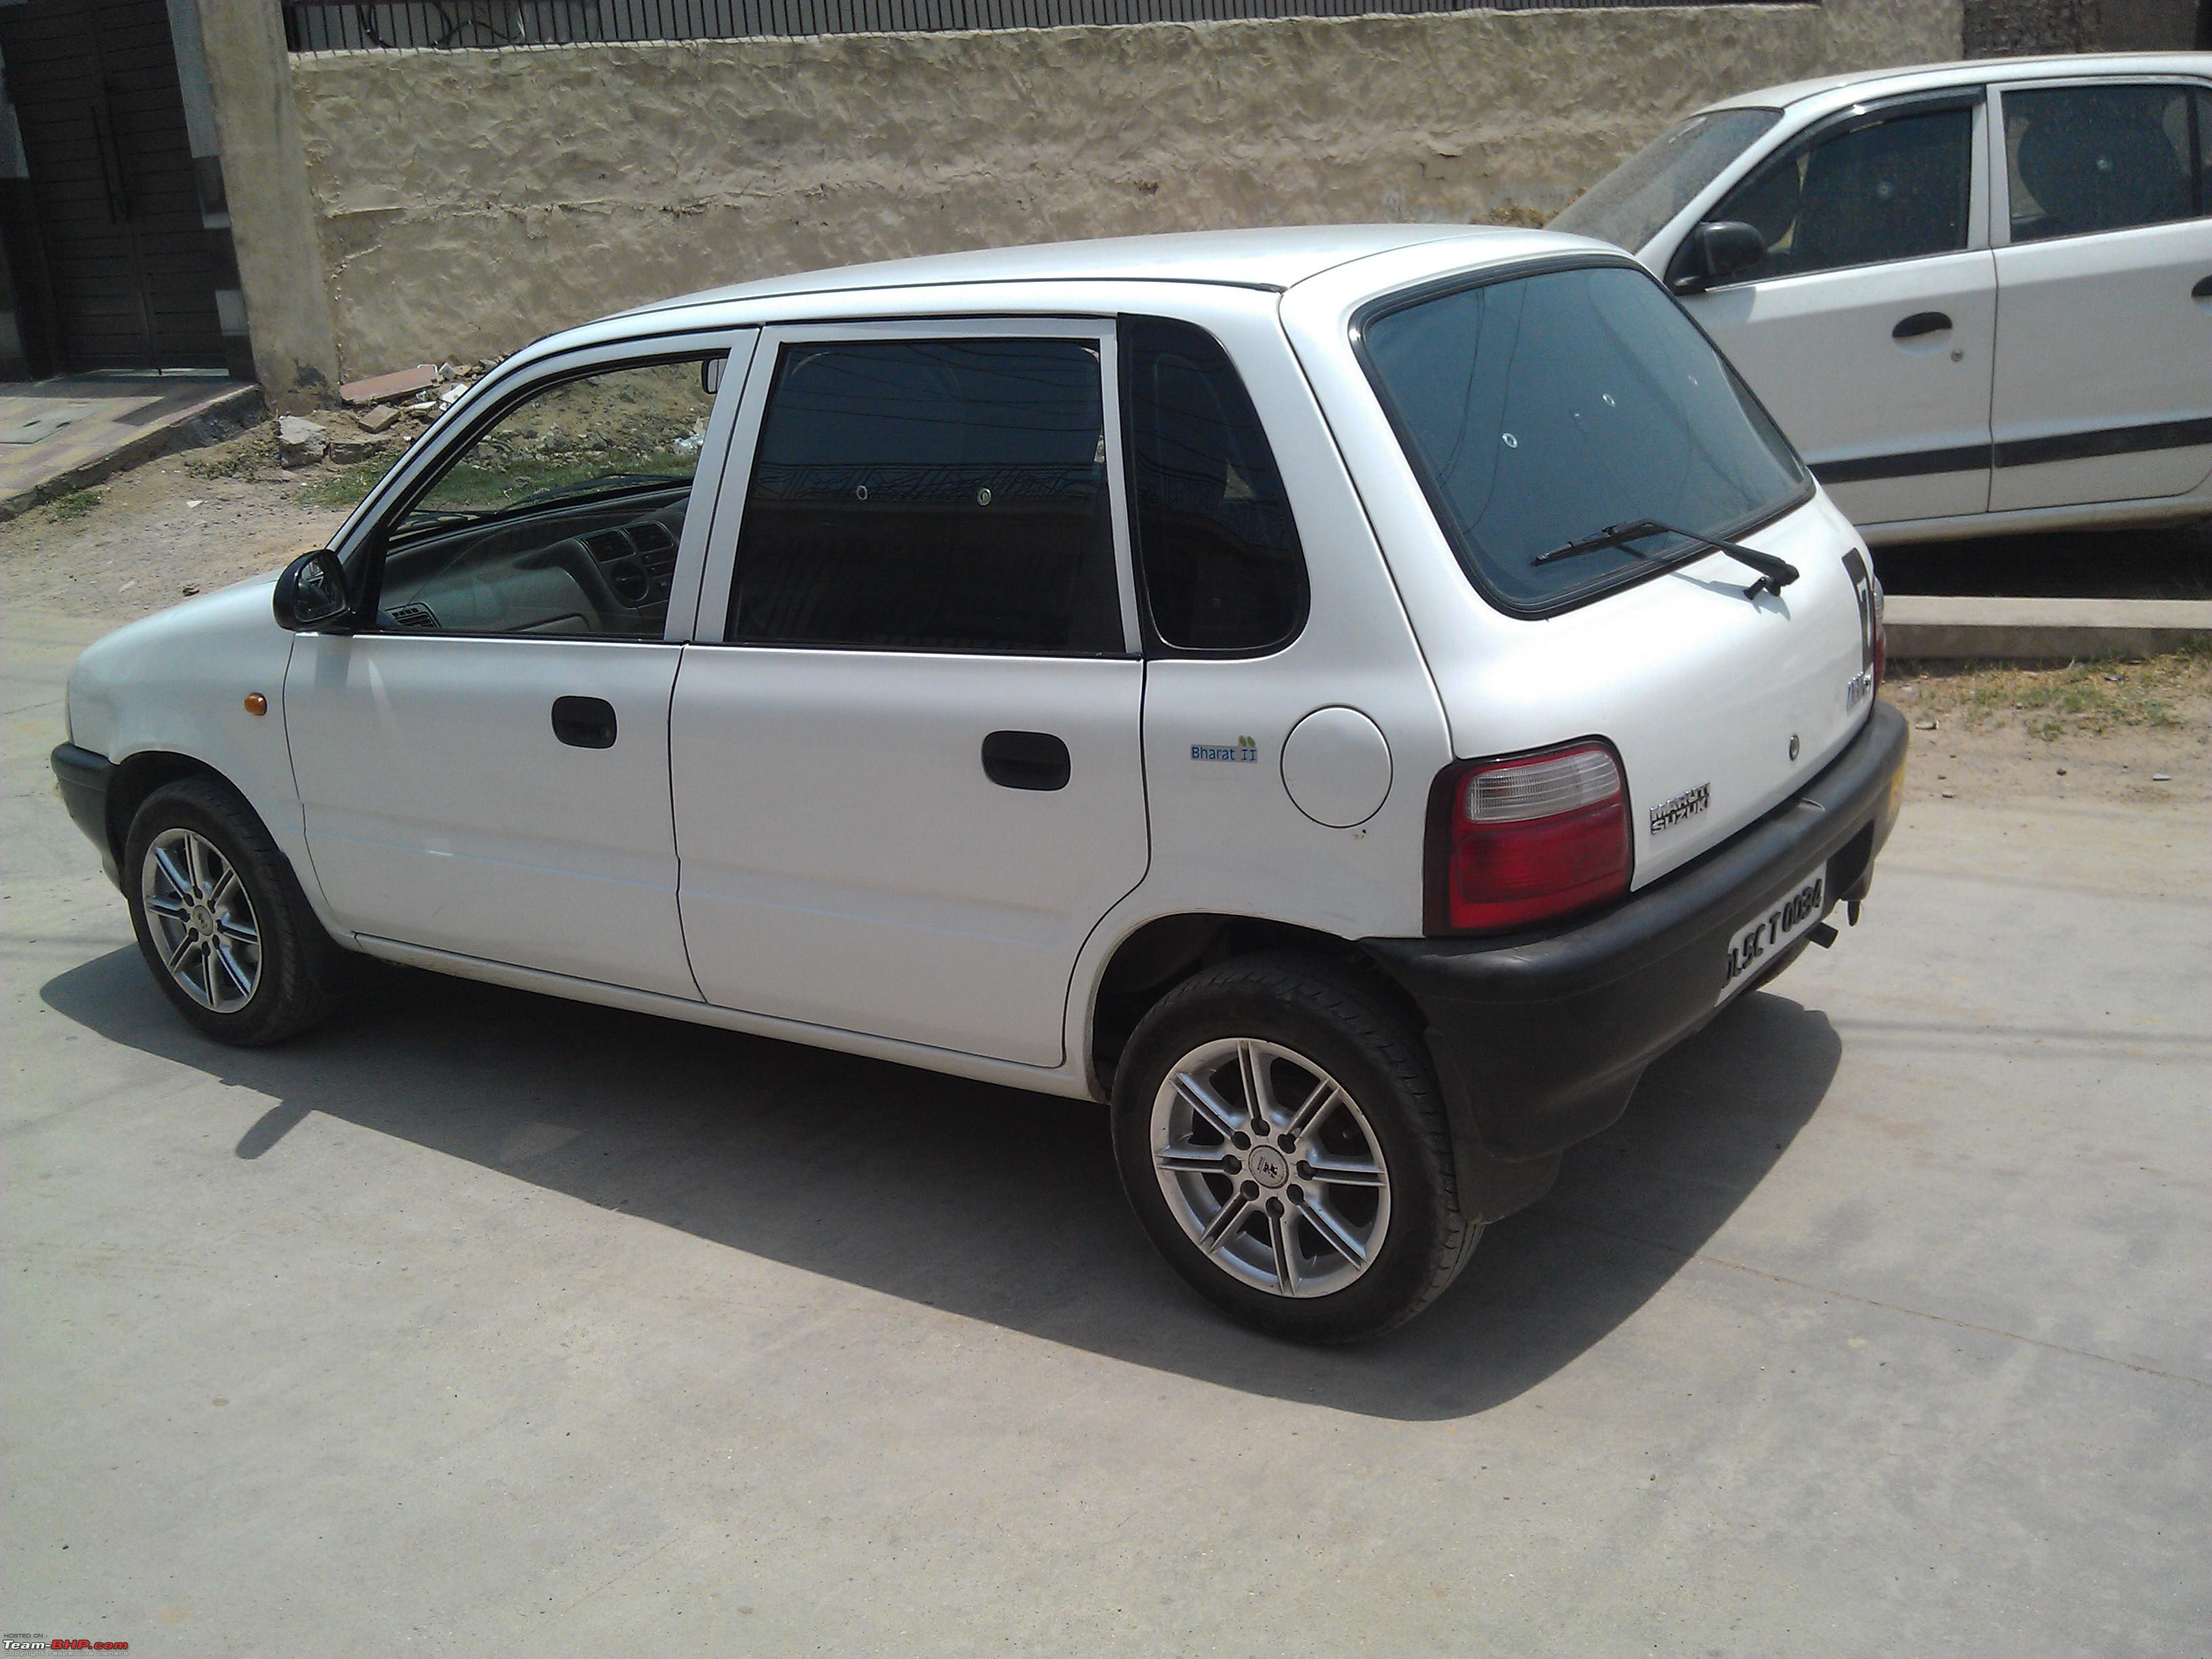 automobile for sale - Ideal.vistalist.co